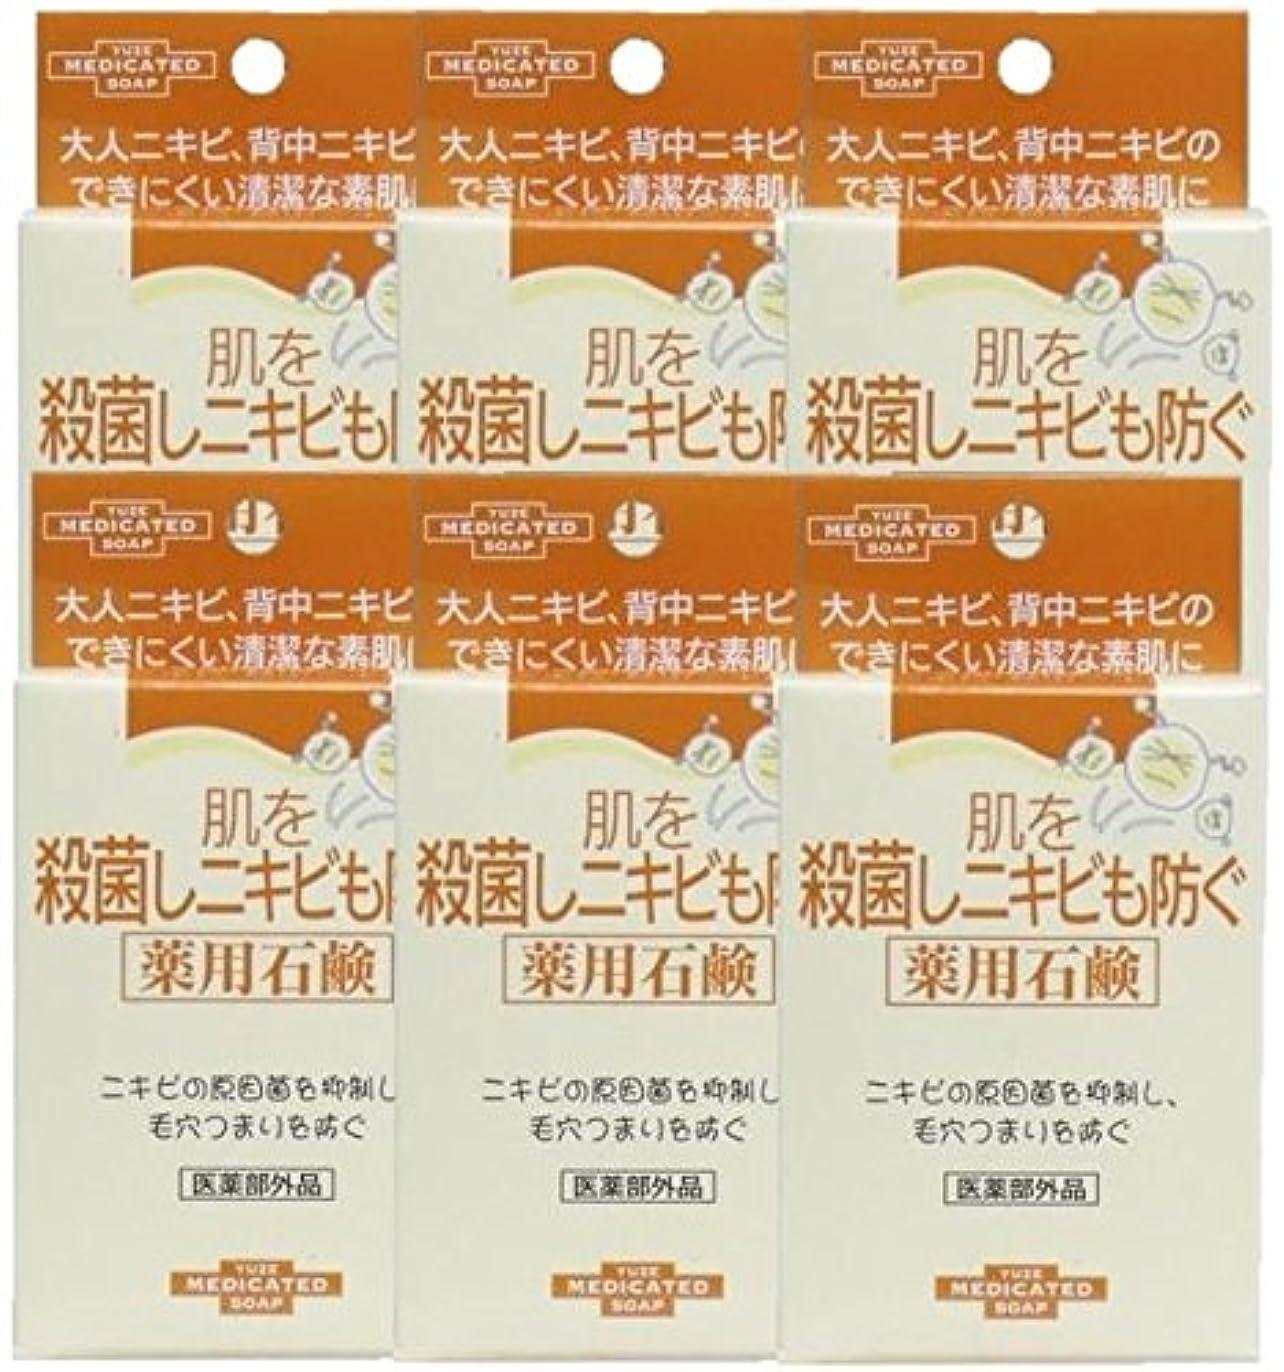 ミント目指す副ユゼ 肌を殺菌しニキビも防ぐ薬用石鹸 (110g)×6個セット